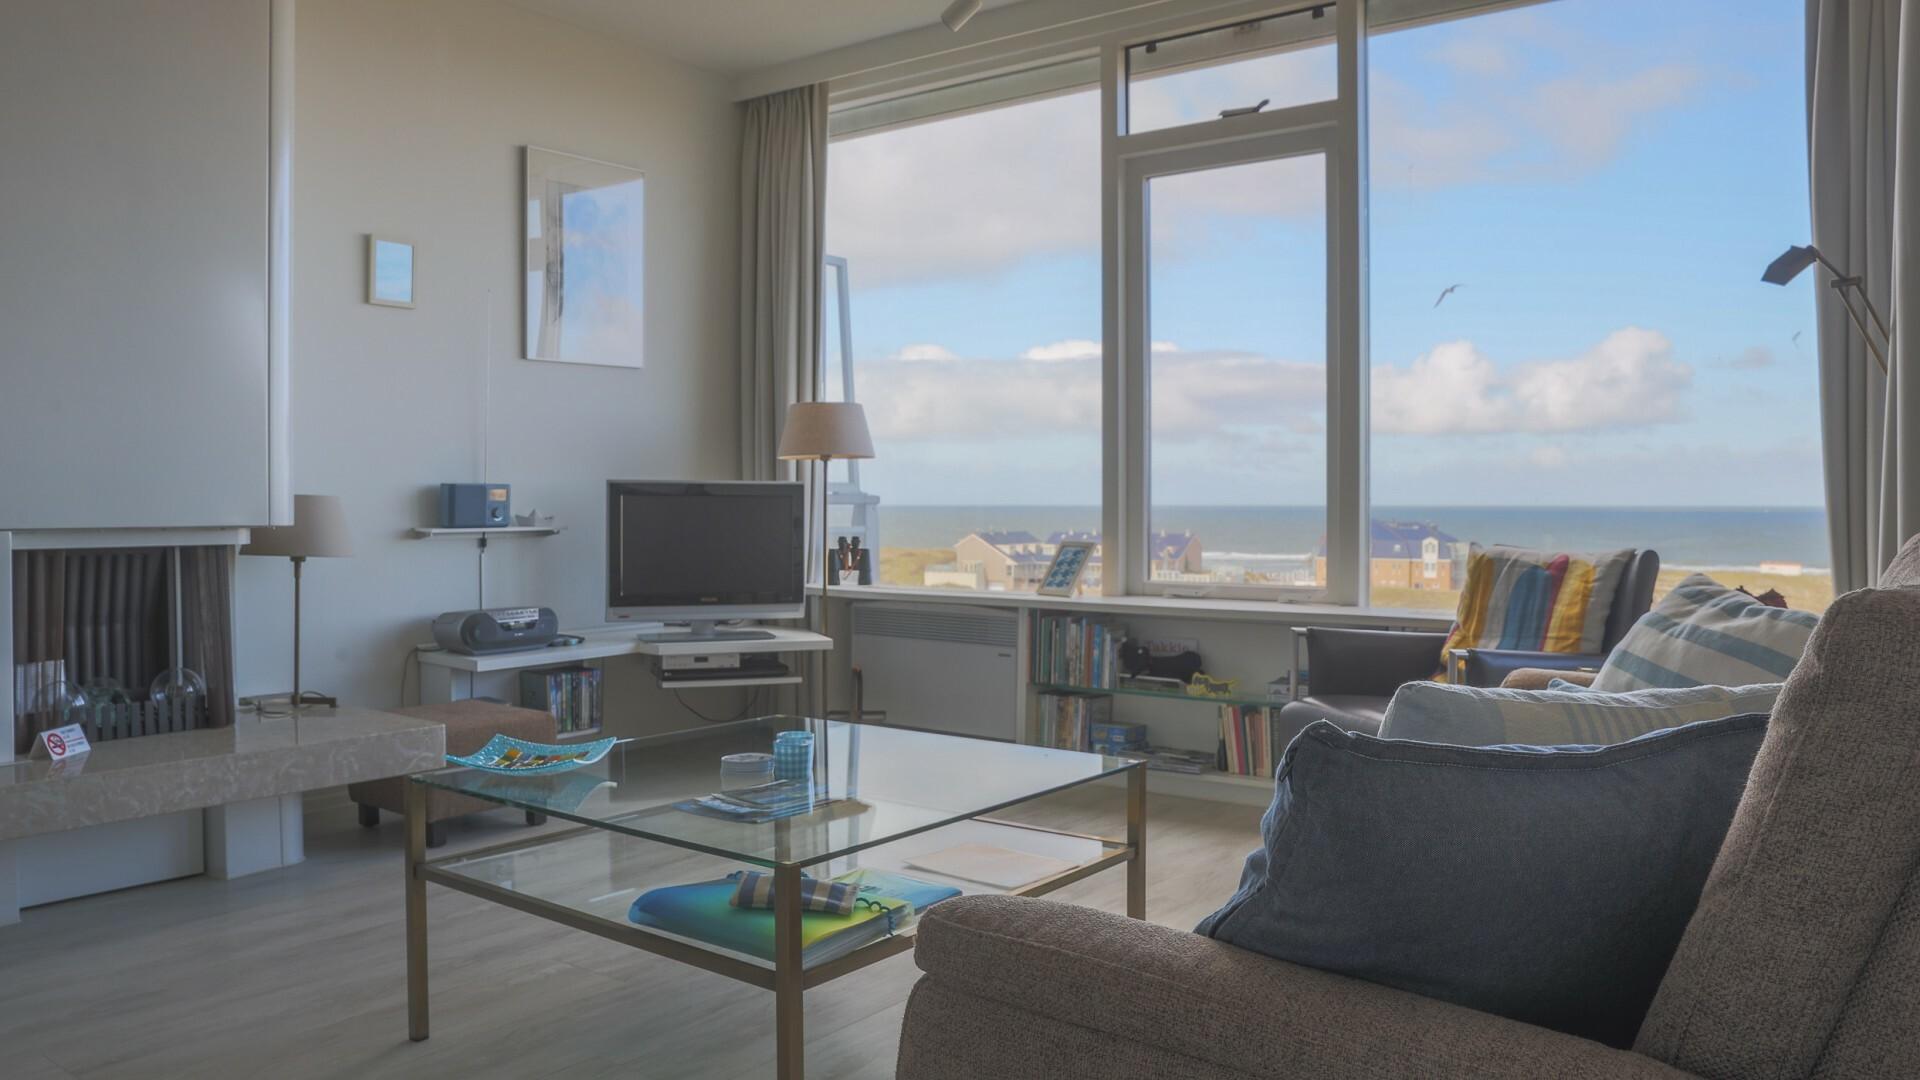 Appartement Juliana 160 met zeezicht VVV Texel